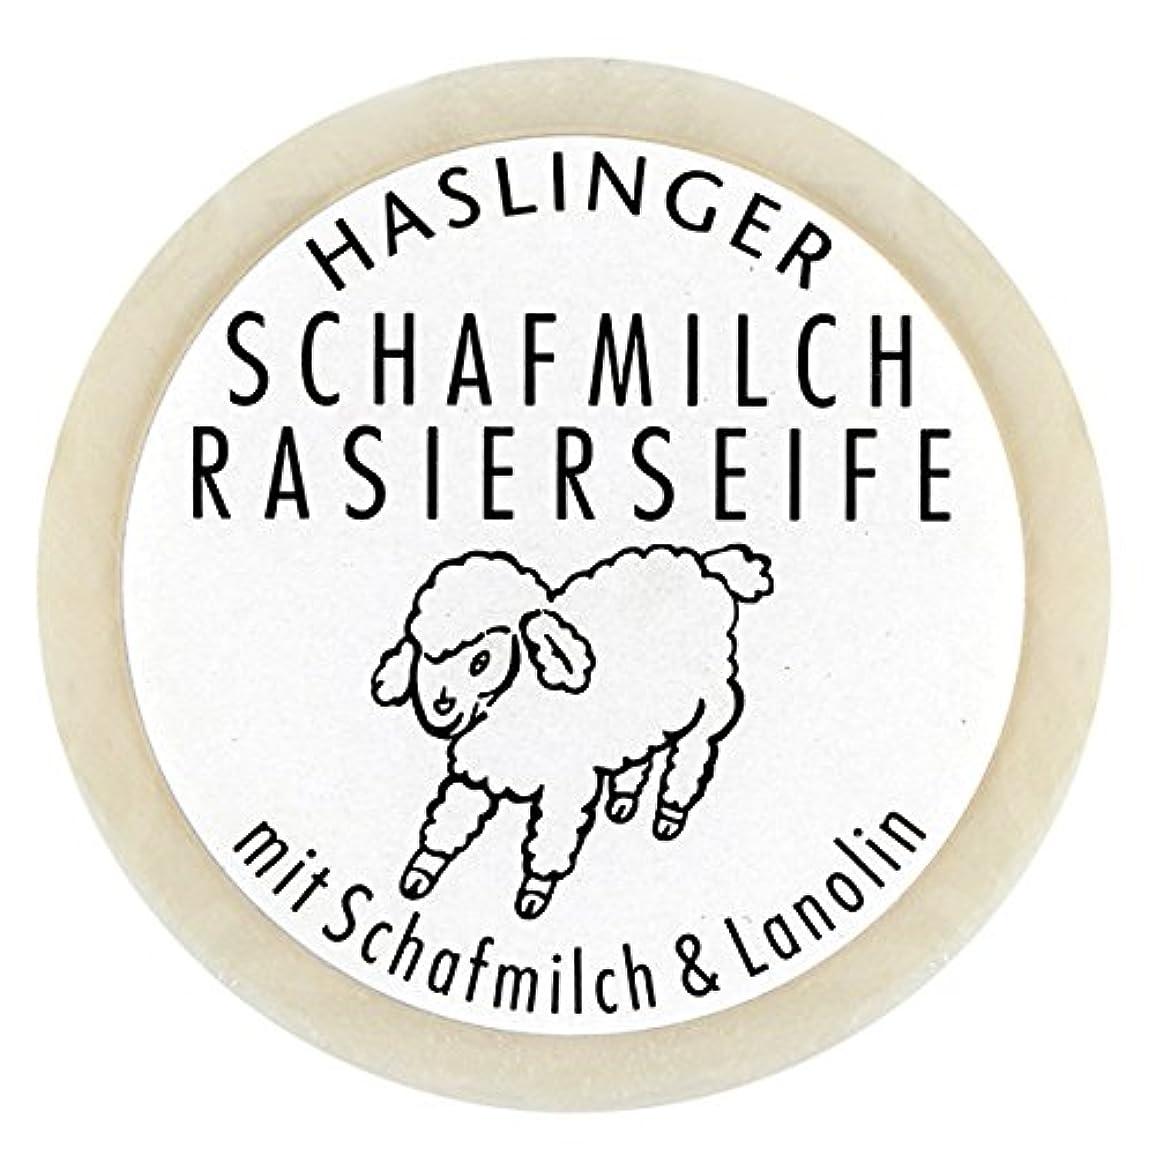 レイア名誉ある舞い上がるSchafmilch Rasierseife (Ewe`s Milk Shave Soap) 60g soap bar by Haslinger by Haslinger